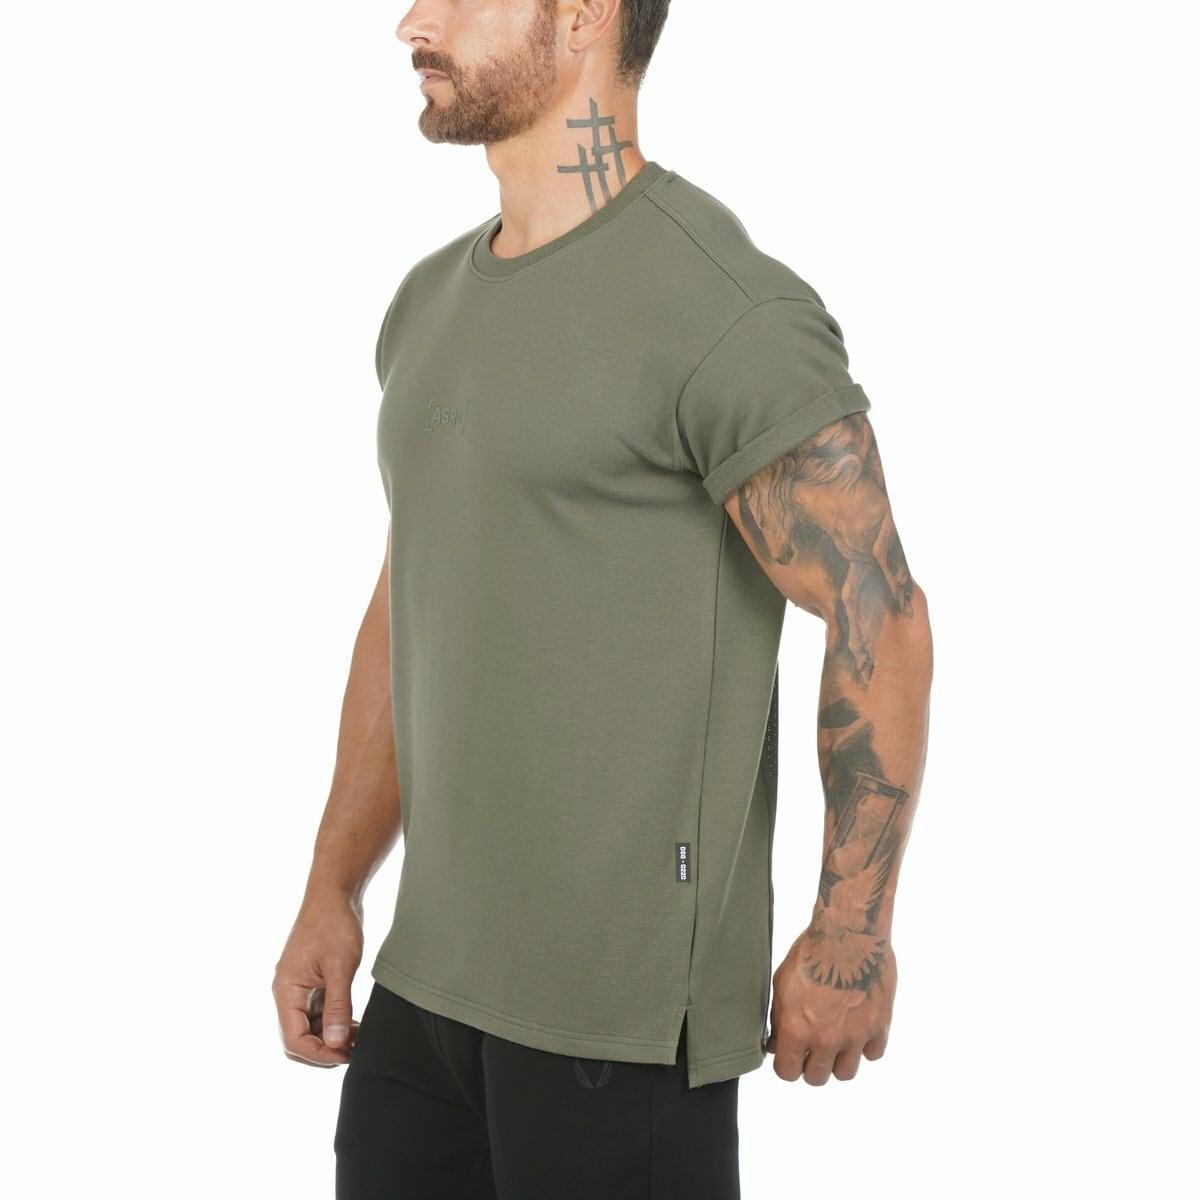 完売御礼【ASRV】CottonPlus™ メッシュバックロールスリーブTシャツ - Olive